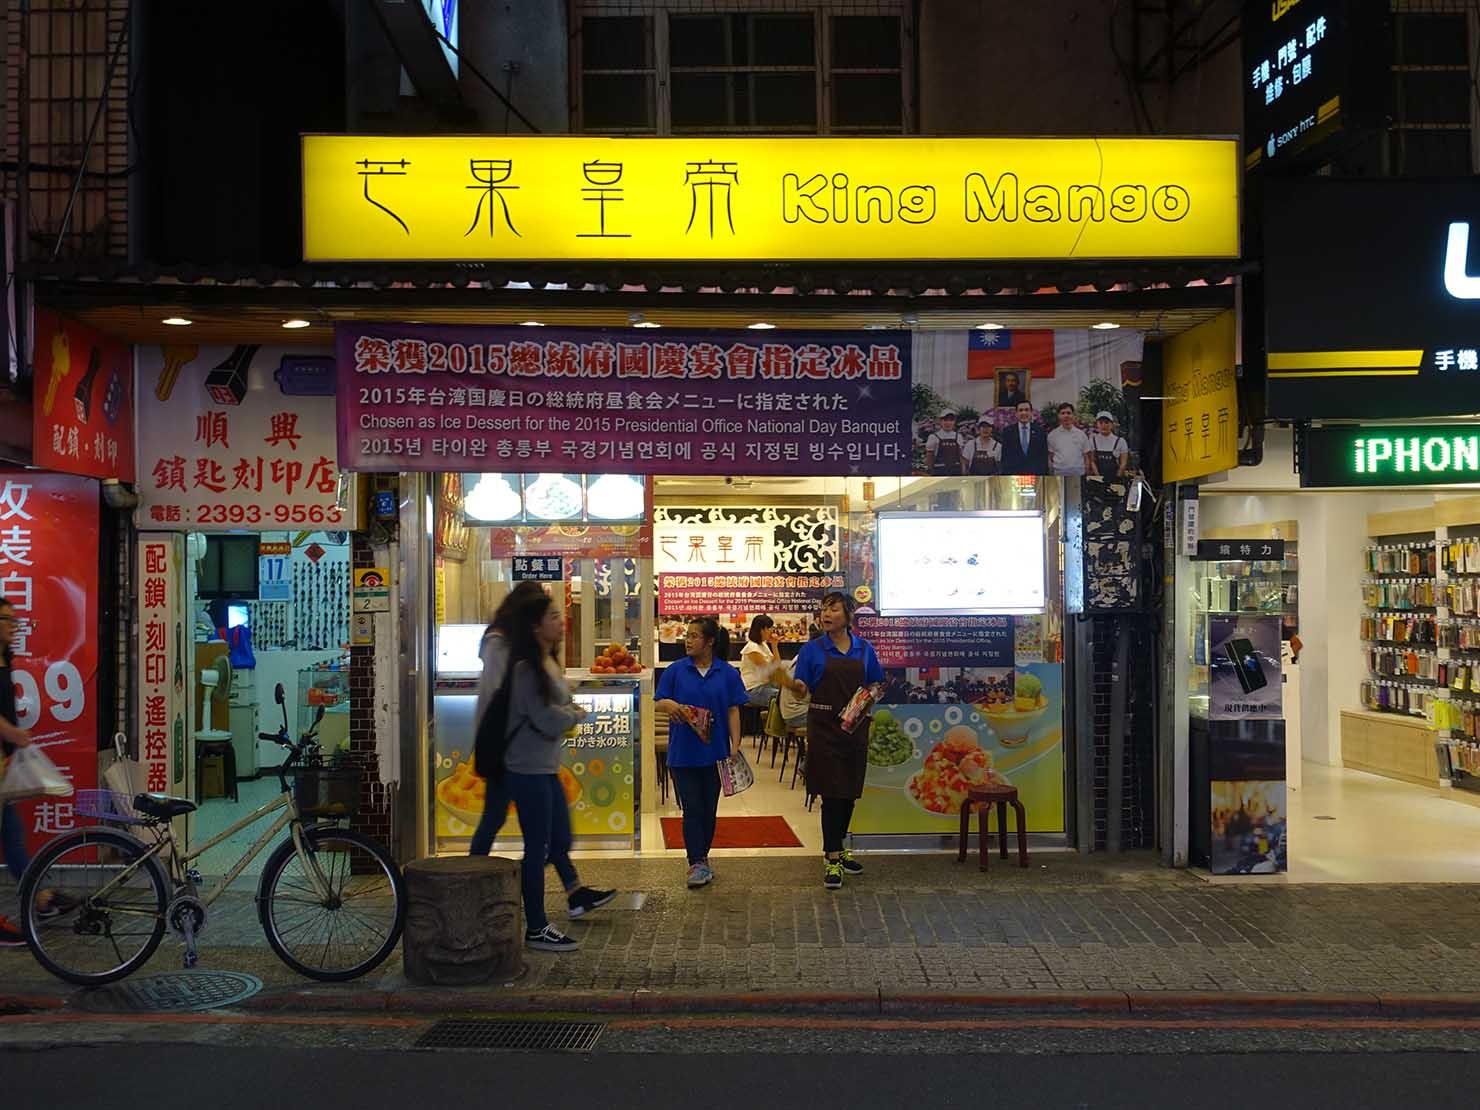 台北・永康街のおすすめグルメ店「芒果皇帝 King Mango」の外観